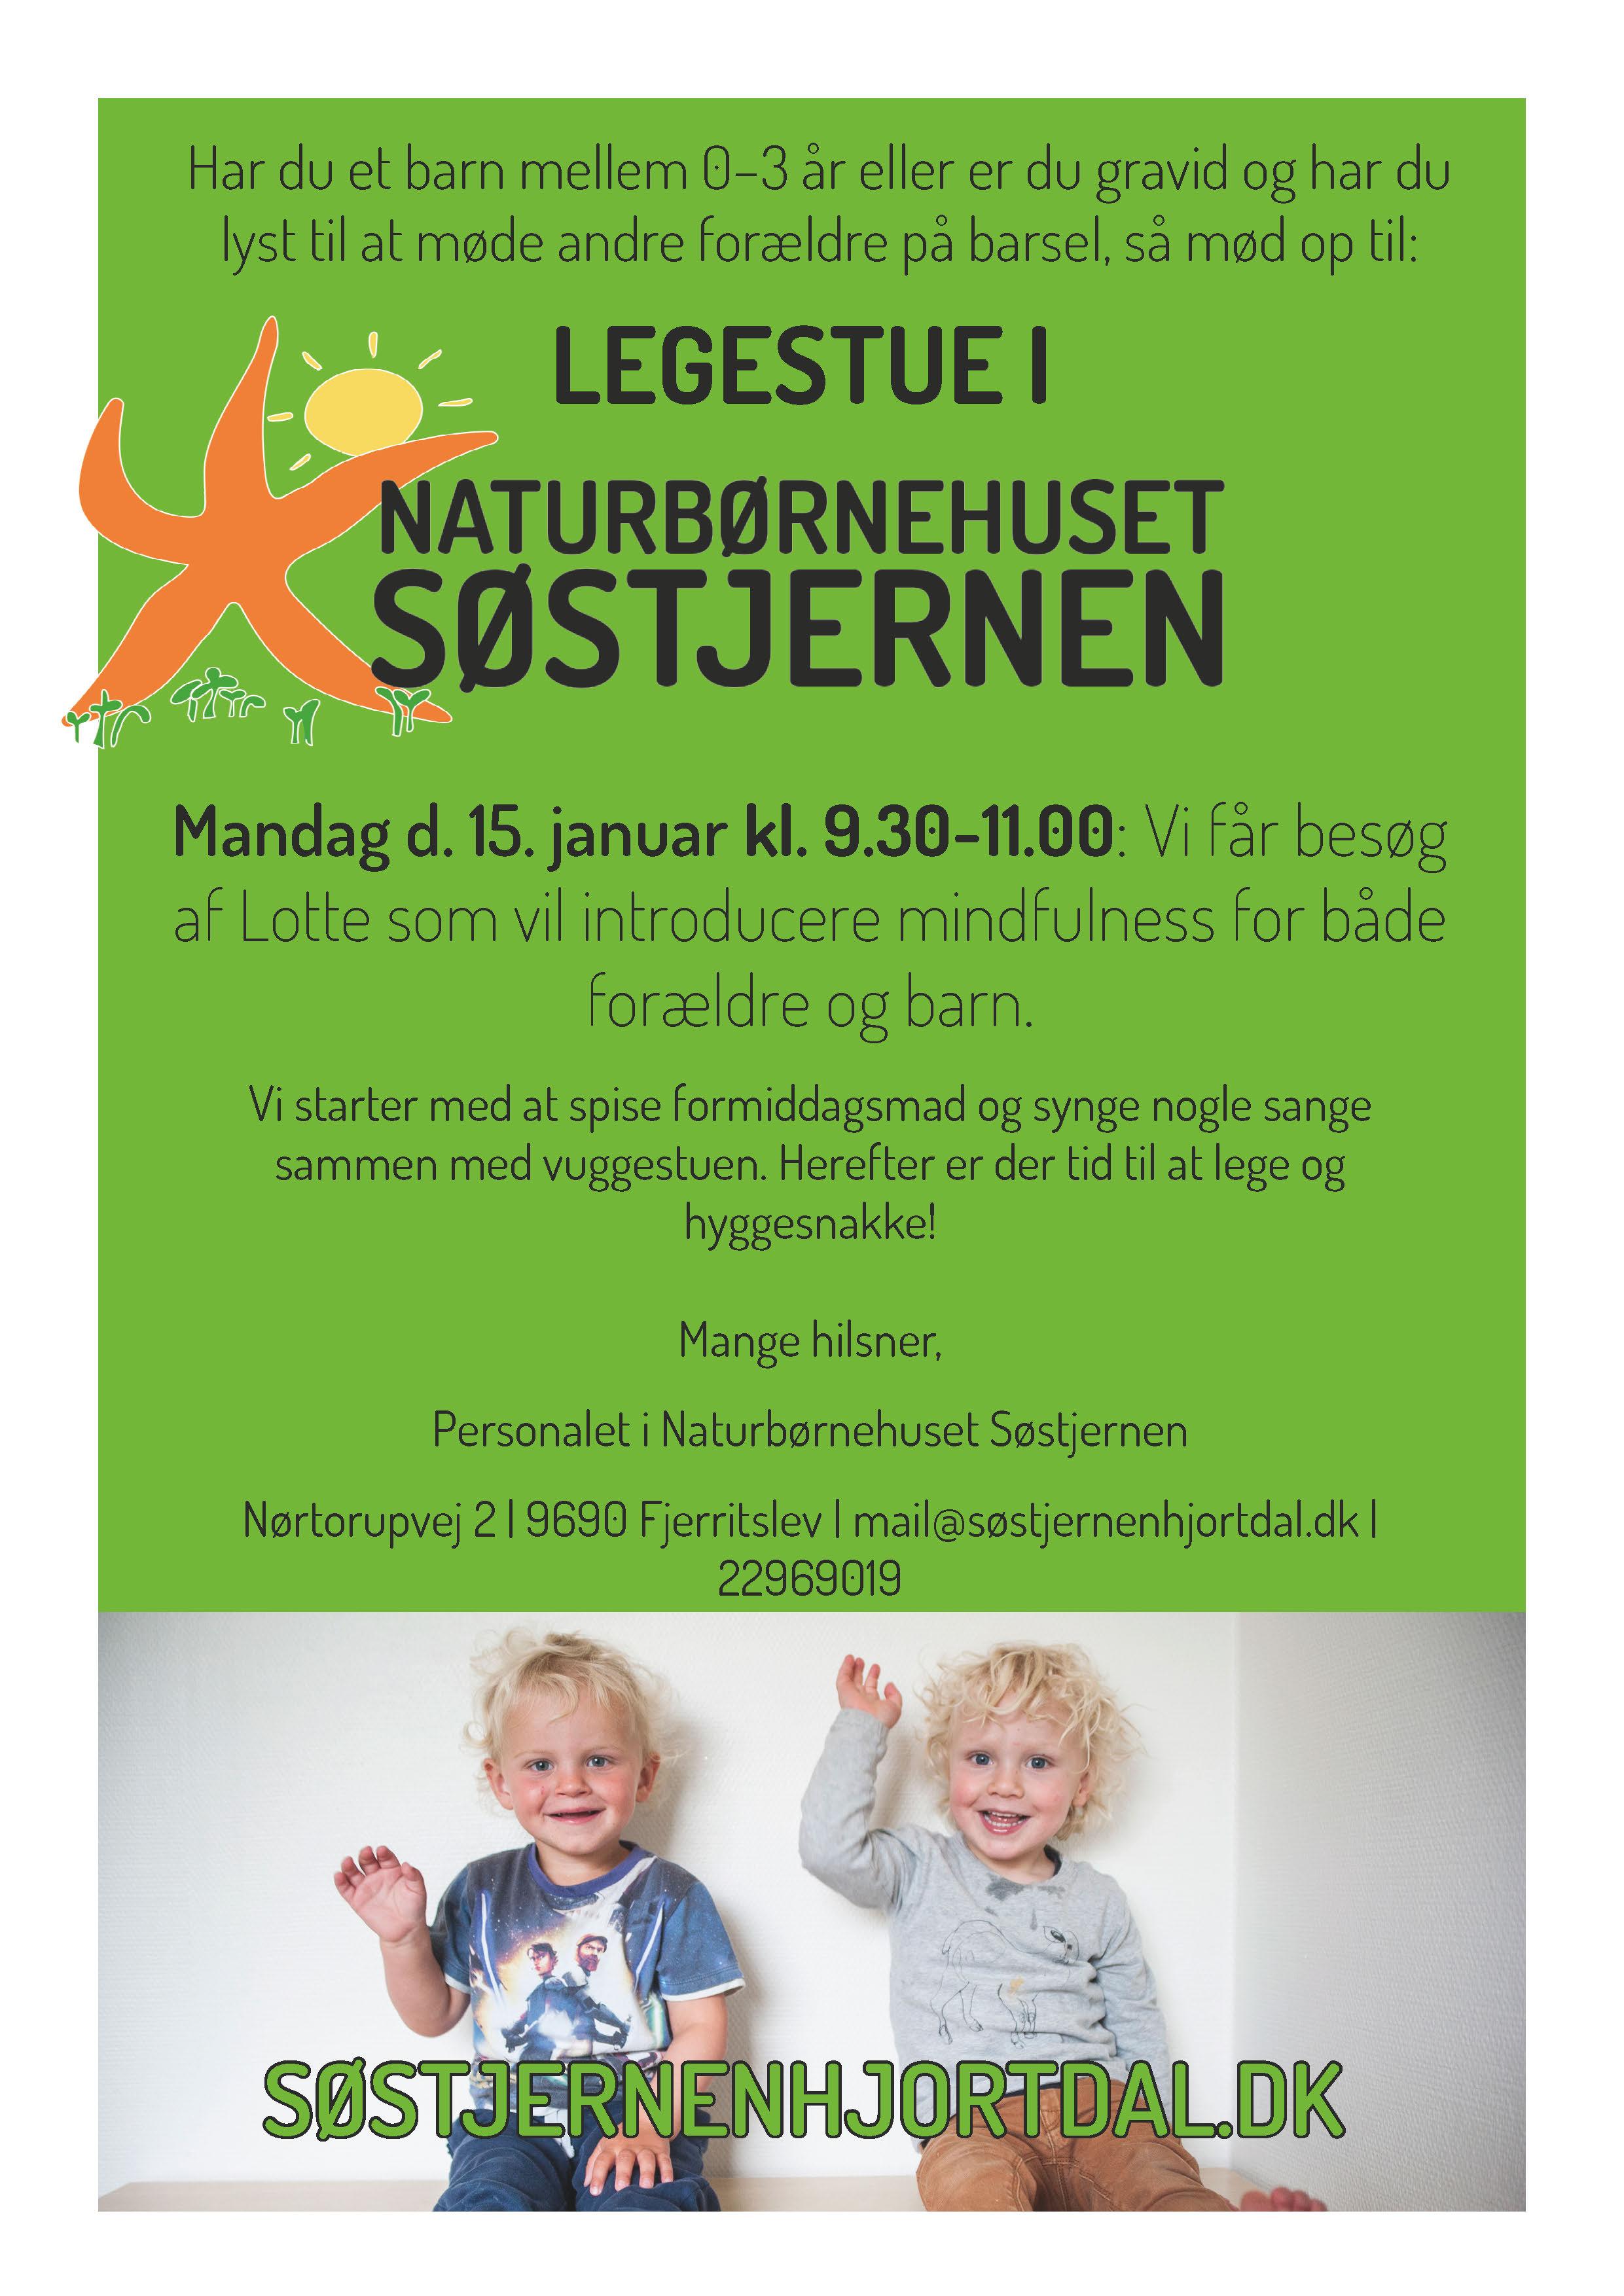 Legestue for forældre på barsel i Naturbørnehuset Søstjernen i Nordjylland.